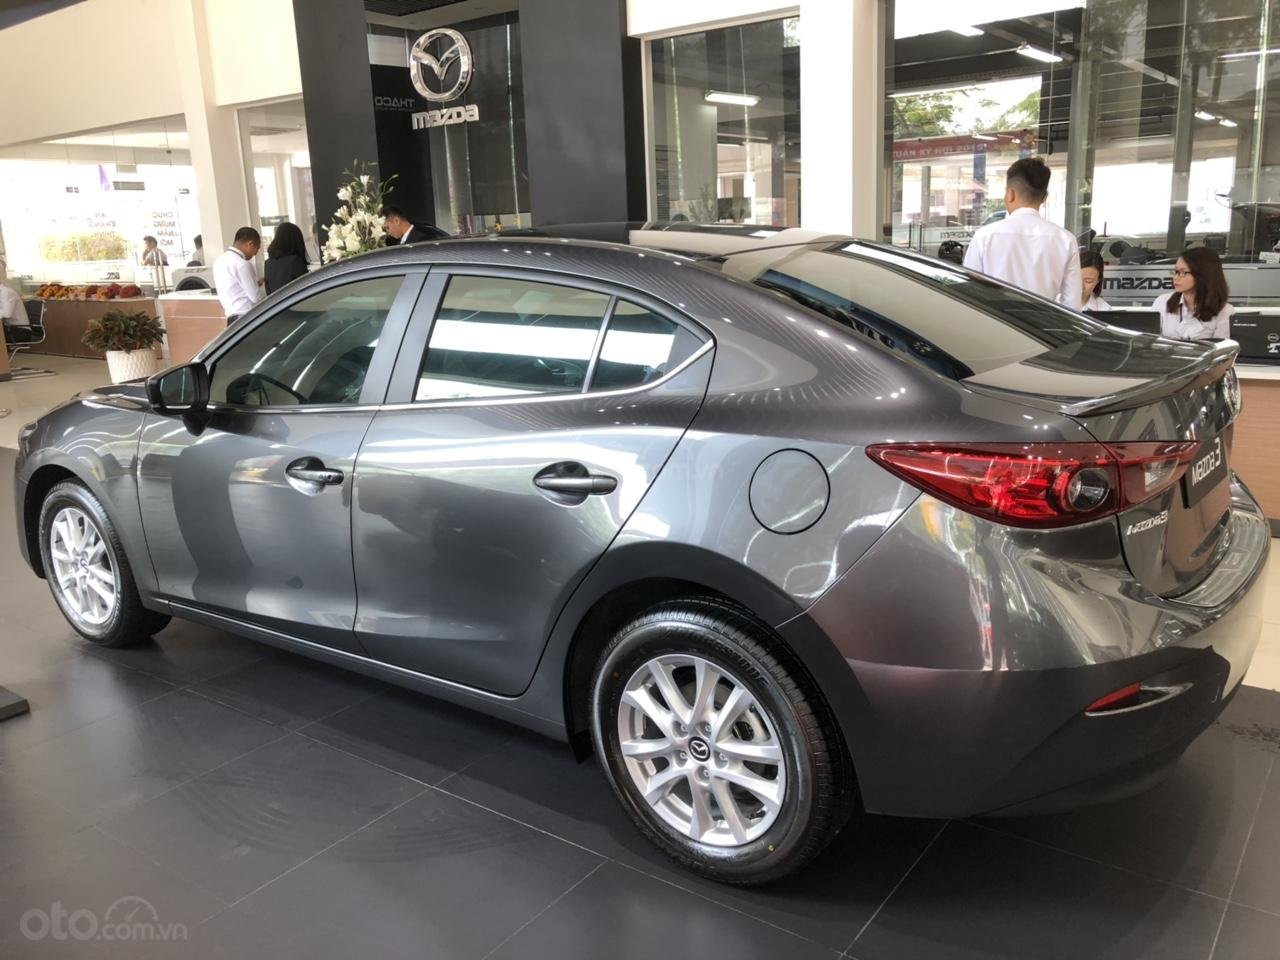 Bán Mazda 3 tại CN Bình Triệu - Khai trương ưu đãi khủng, ưu đãi shock khi mua xe (3)